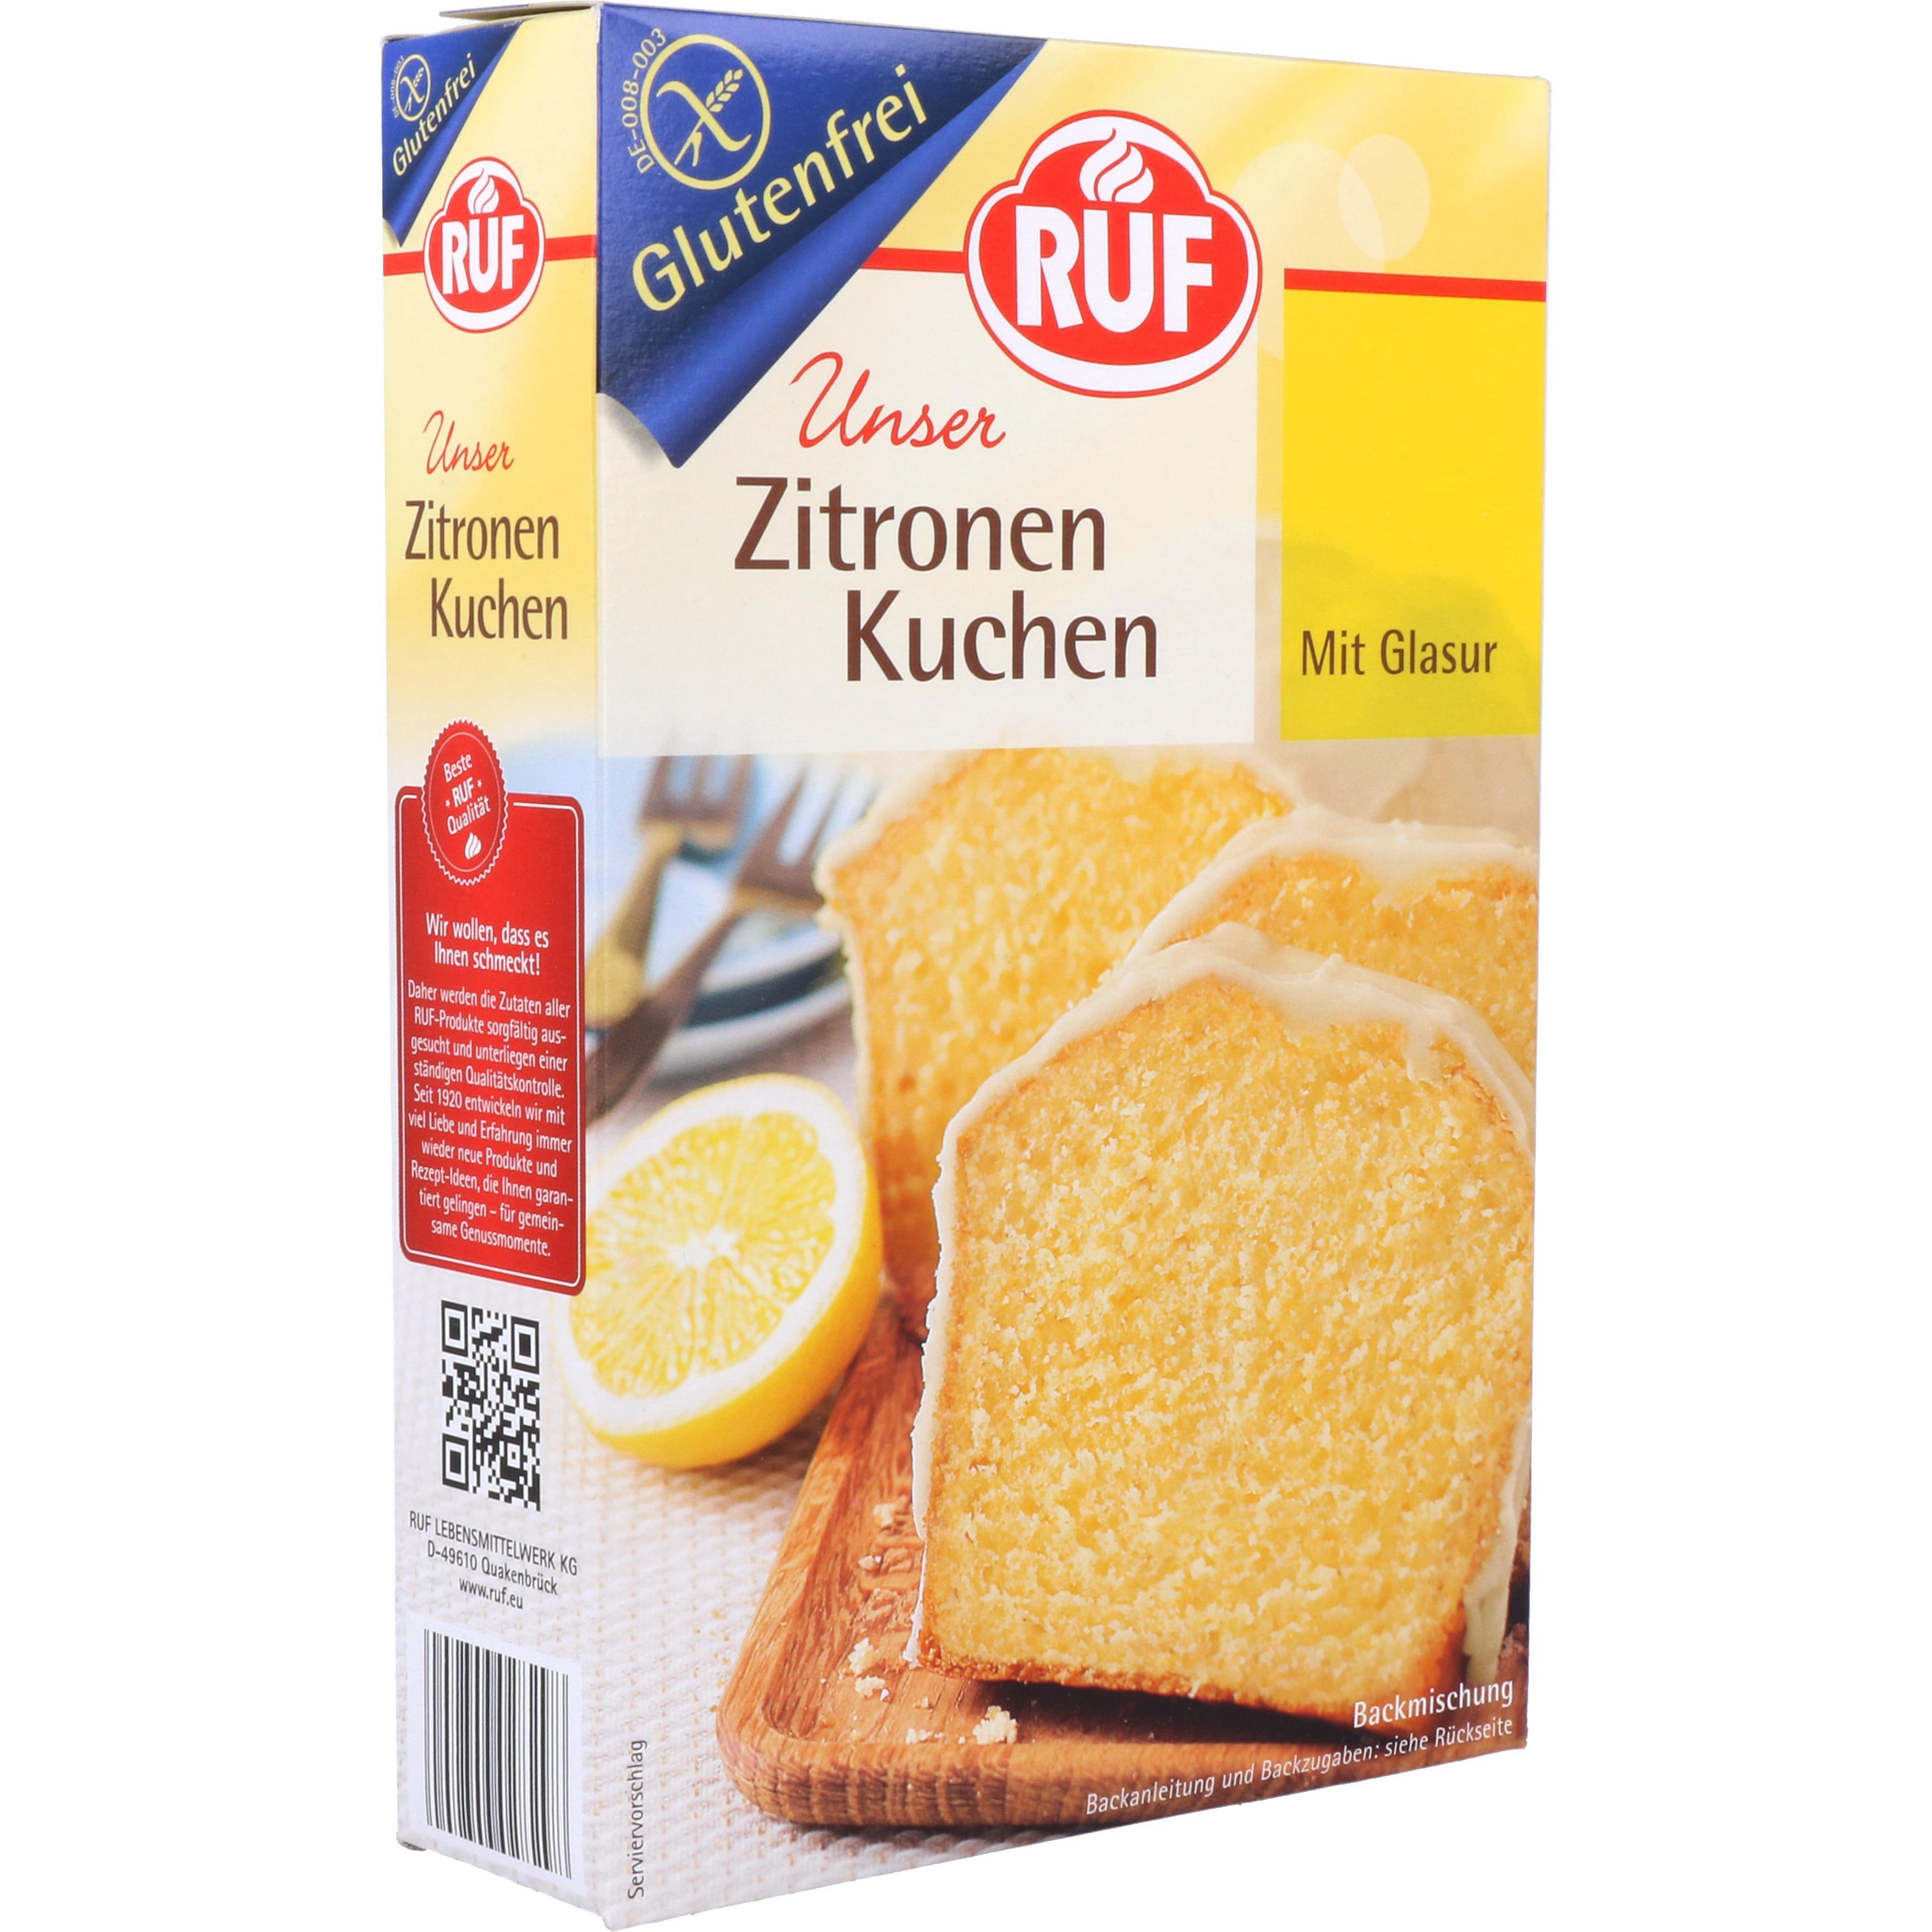 Ruf Zitronenkuchen 530g